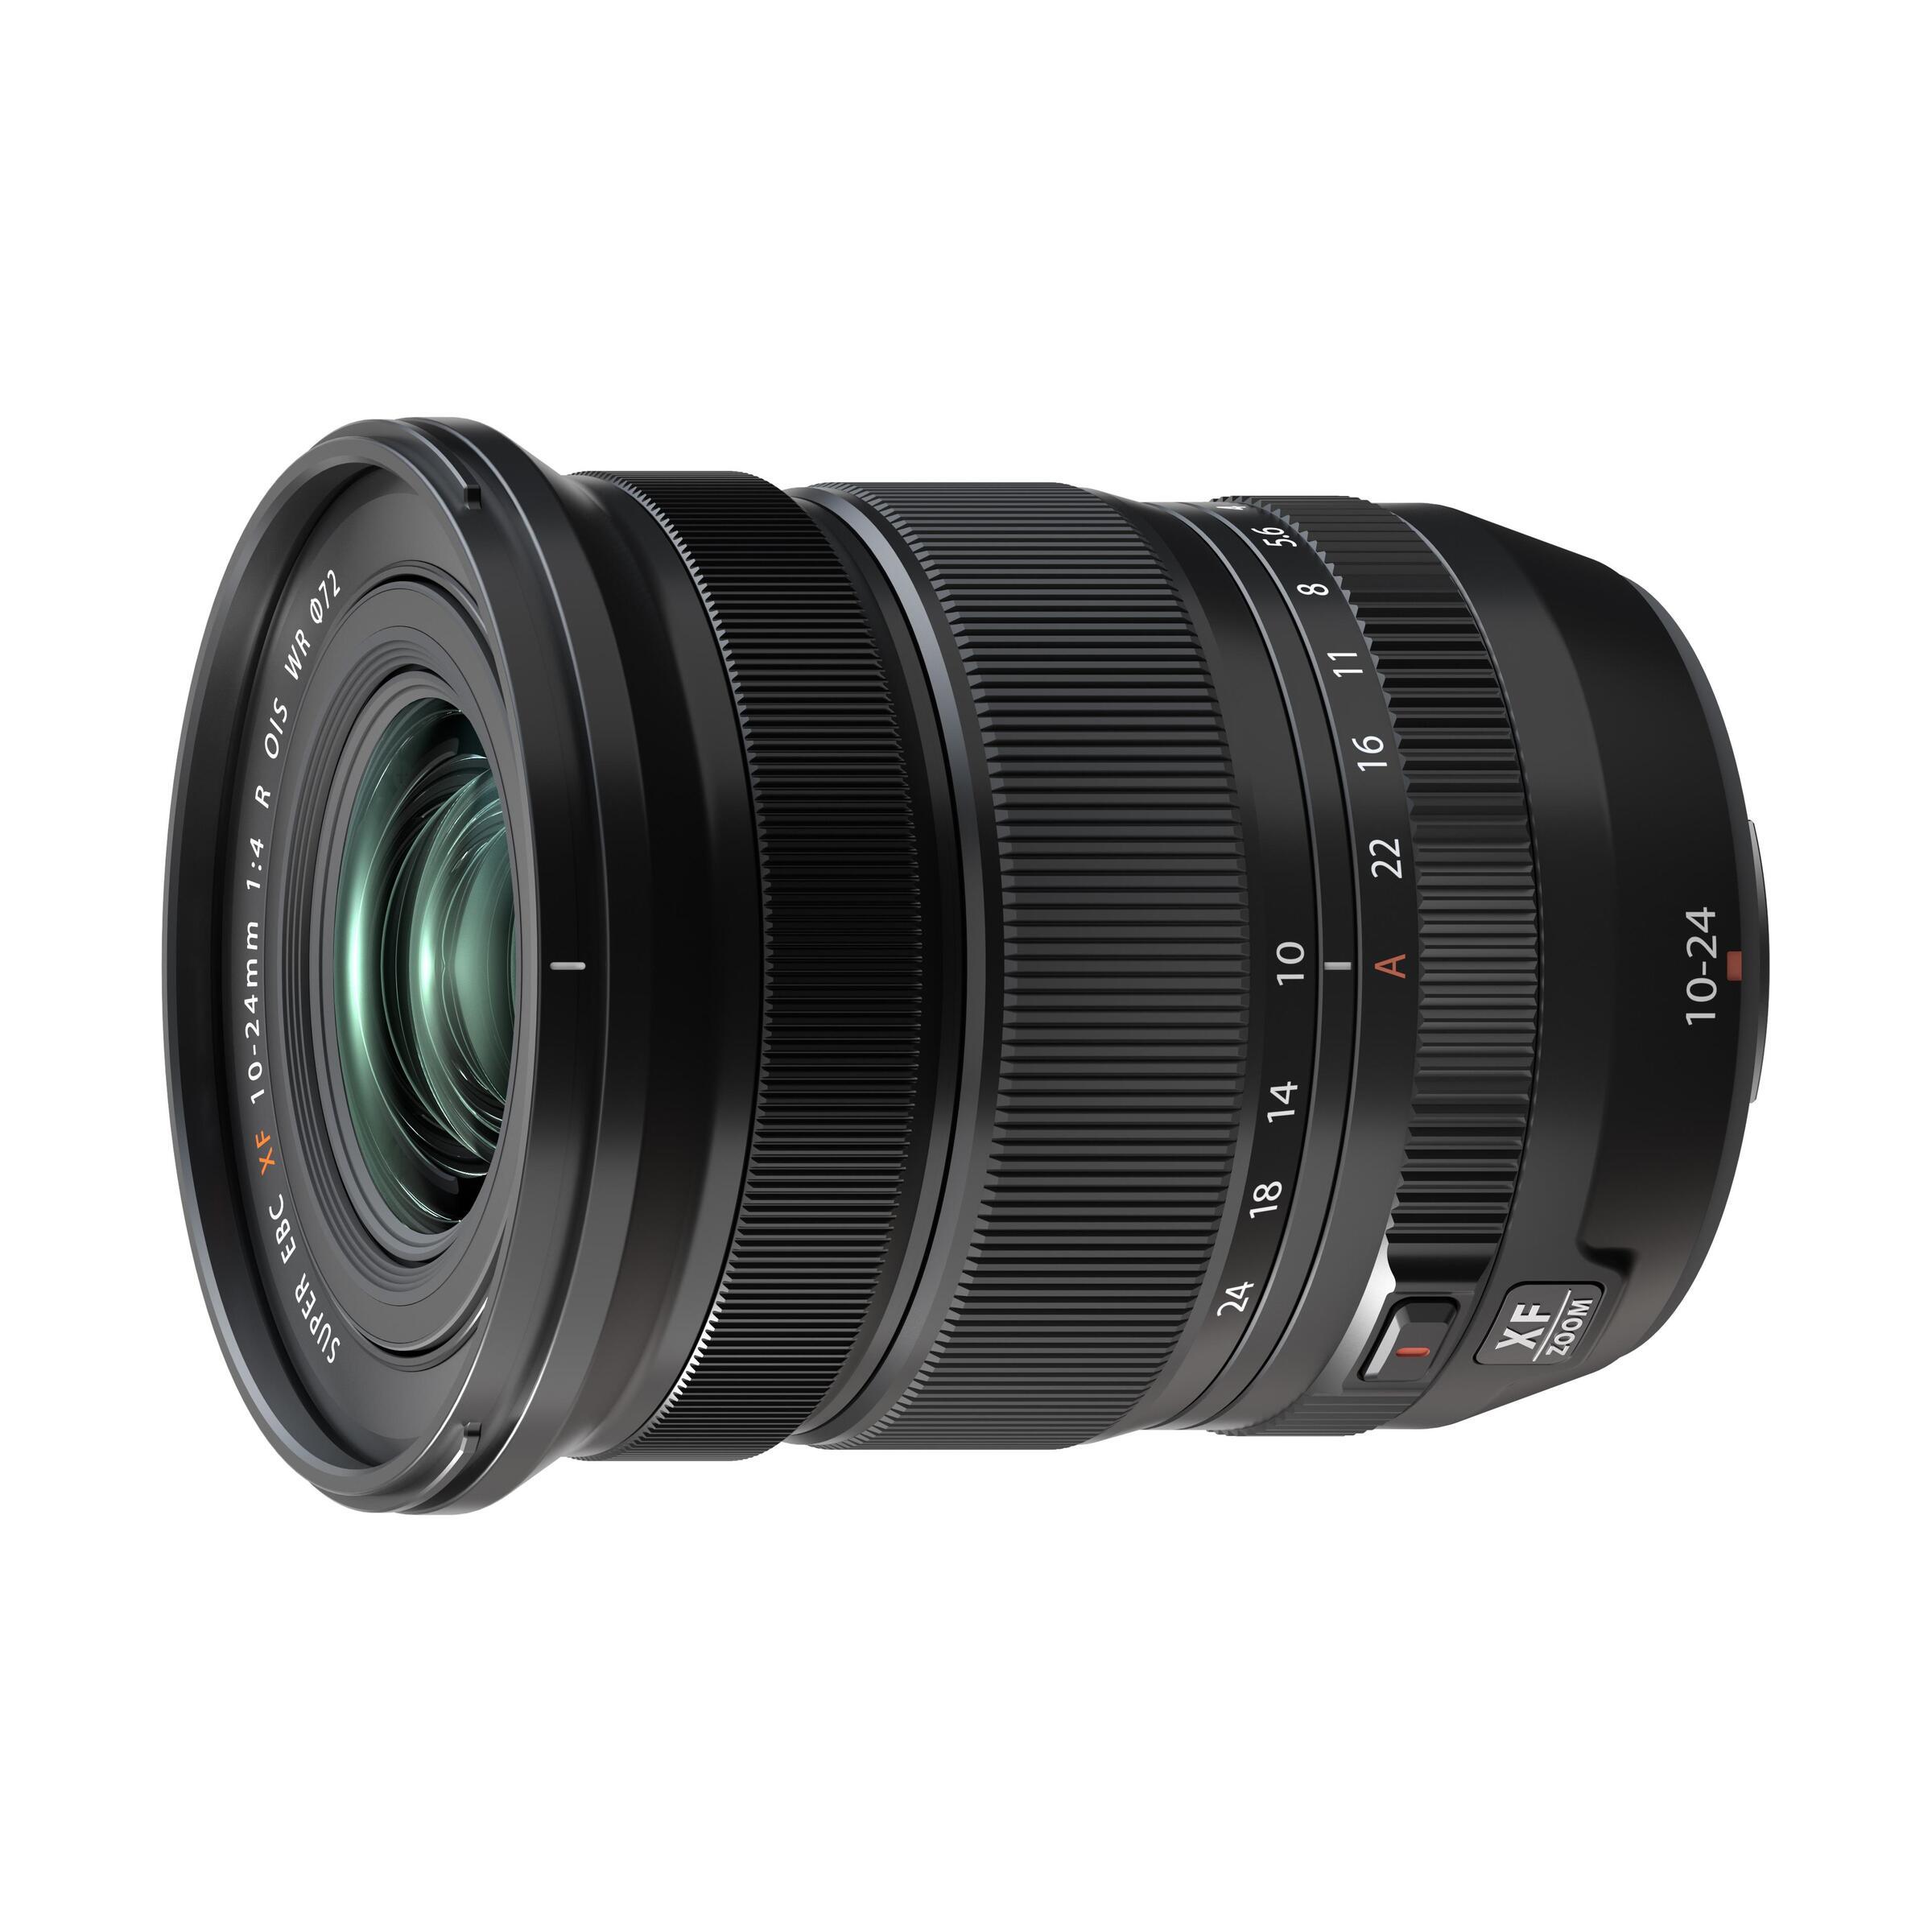 FUJIFILM XF 10-24mm f/4,0 R OIS WR